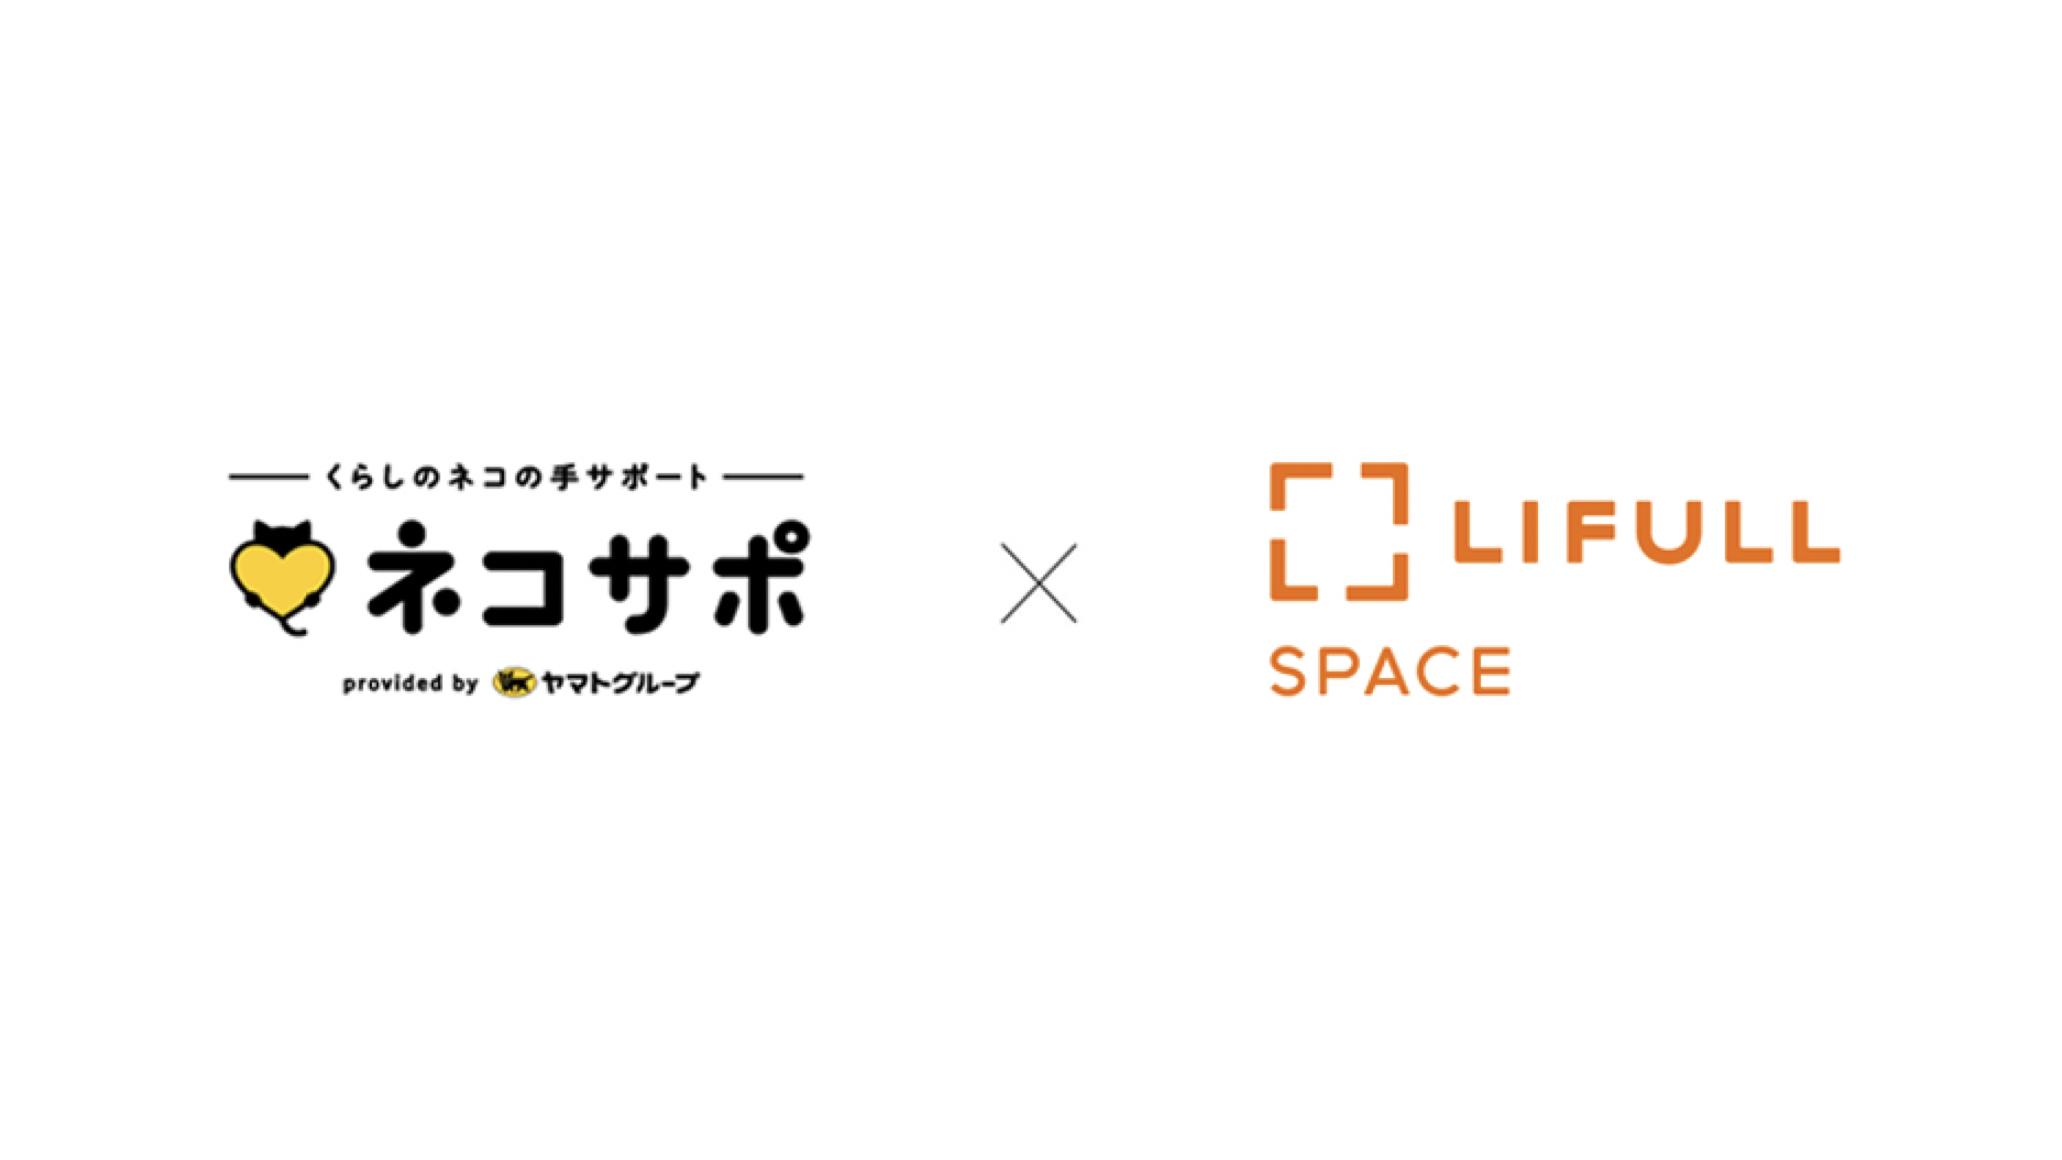 LIFULL SPACE×ヤマト運輸 | 「収納シェア」サービスに関する実証実験を多摩市で開始